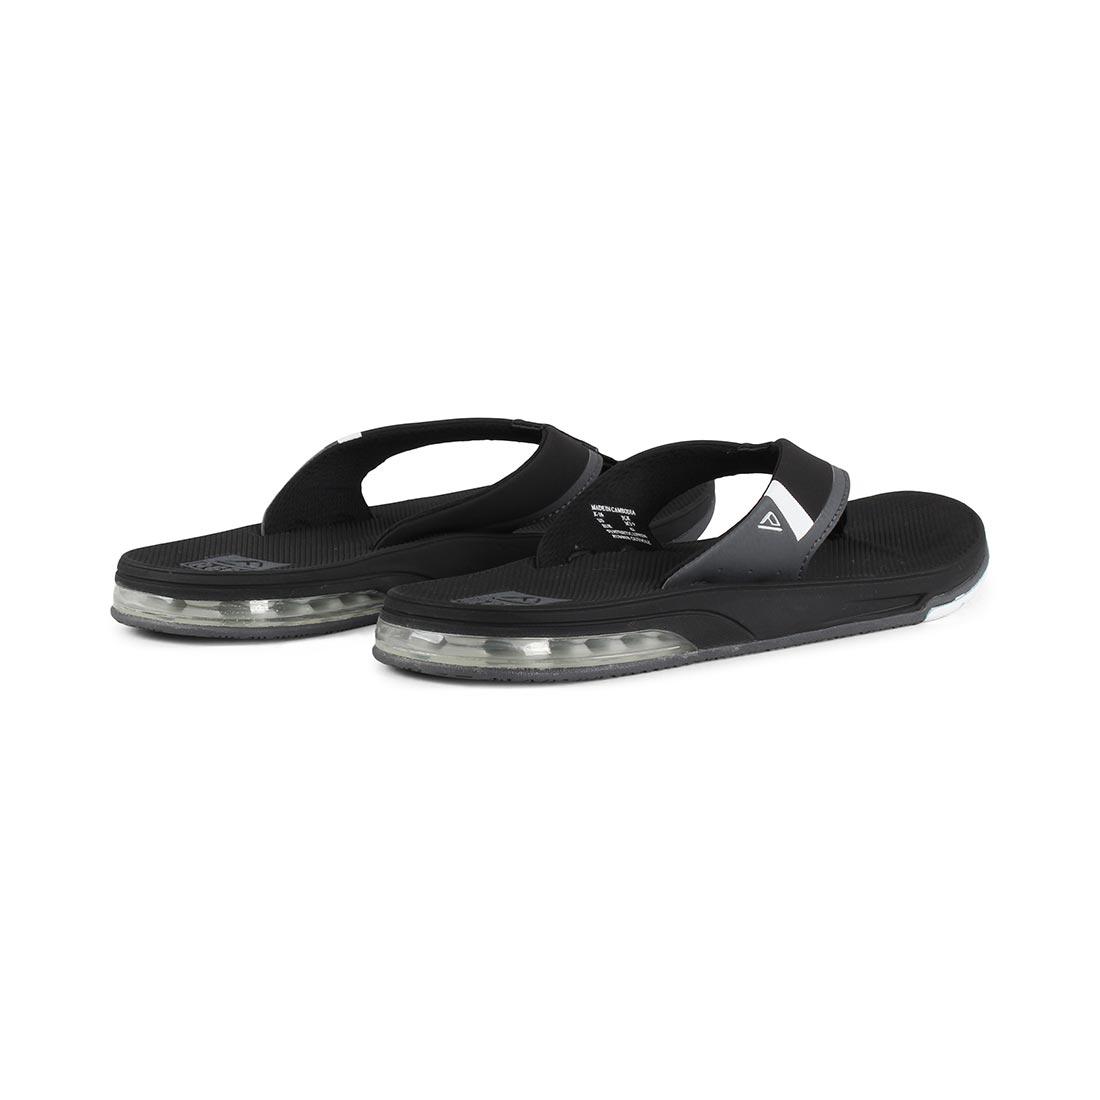 19c7e9782d2 ... Reef-Fanning-Low-Sandals-Black-White- ...